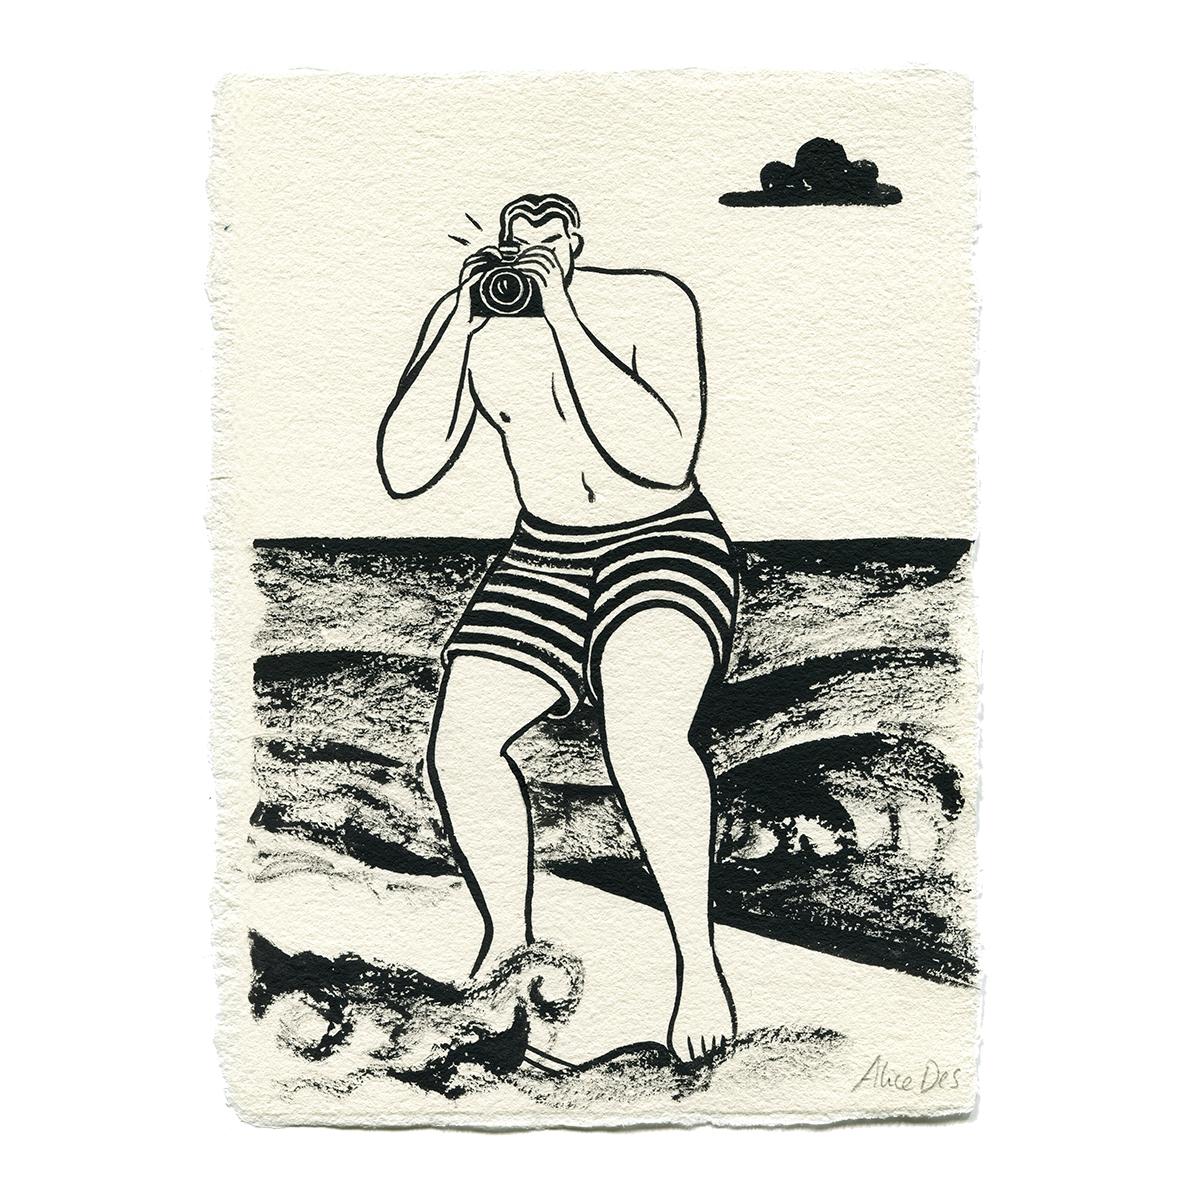 Inktober – La Photo du Surfer – Alice Des